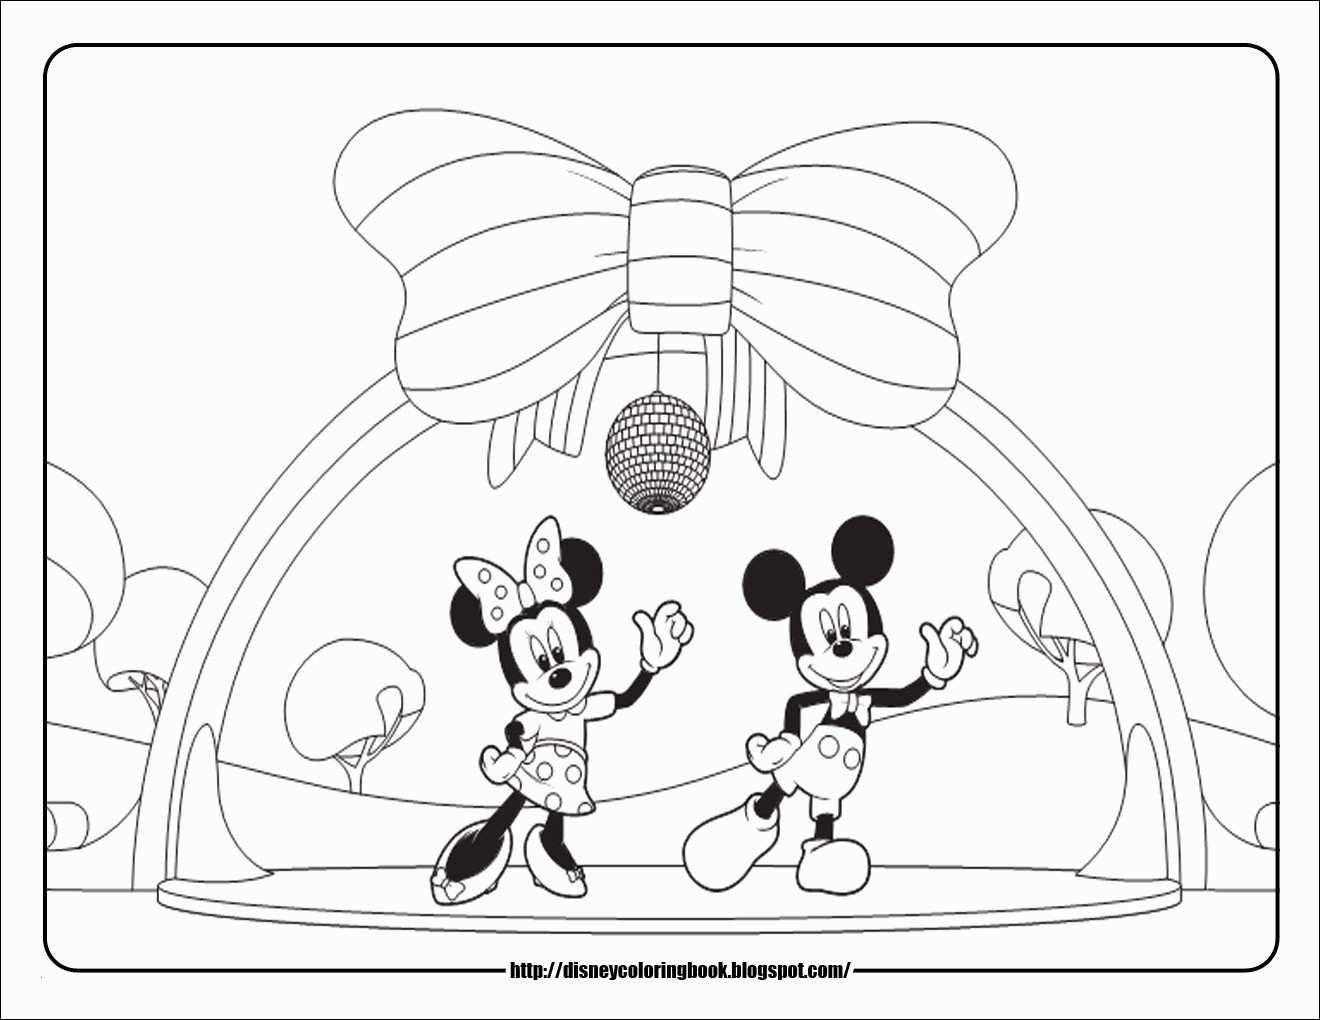 Micky Maus Bilder Zum Ausmalen Das Beste Von Mickey Mouse Zum Ausmalen Bild 37 Ausmalbilder Baby Micky Maus Das Bild